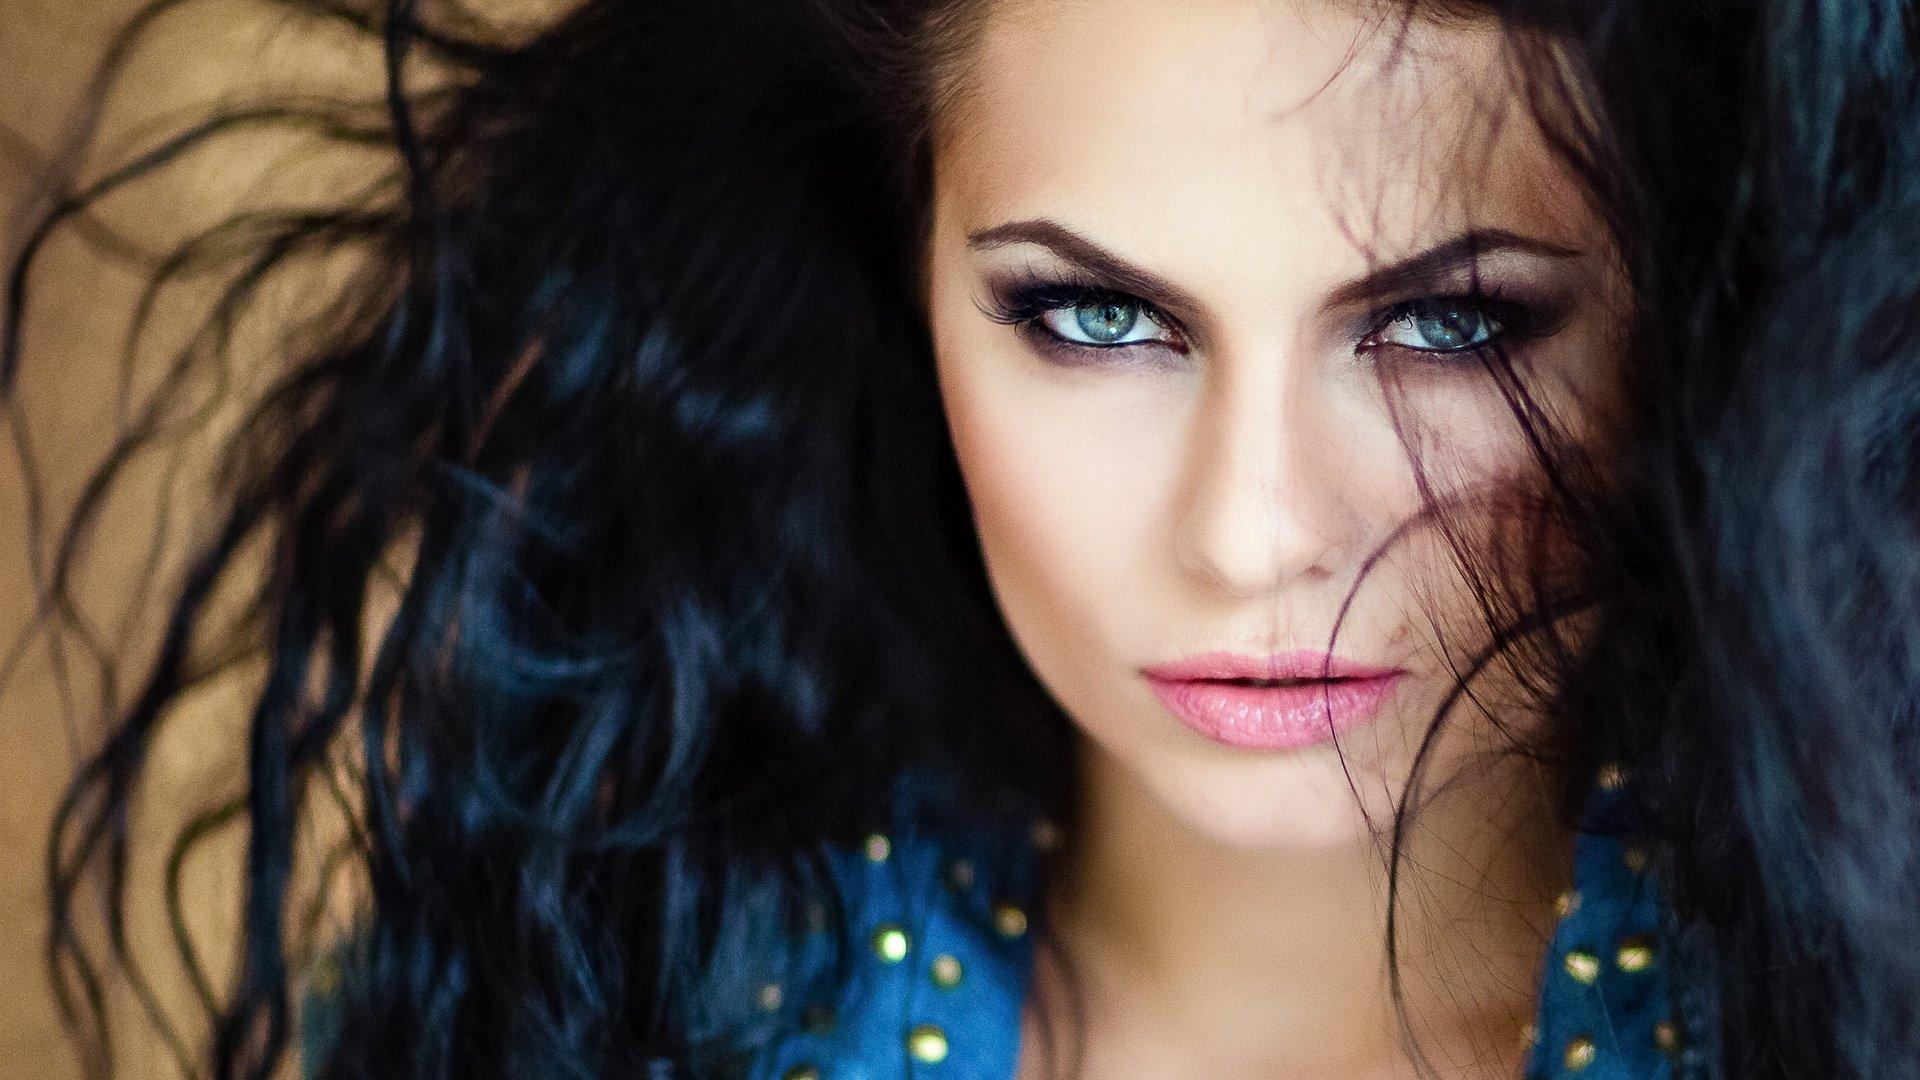 Брюнетка с голубыми глазами фото без макияжа